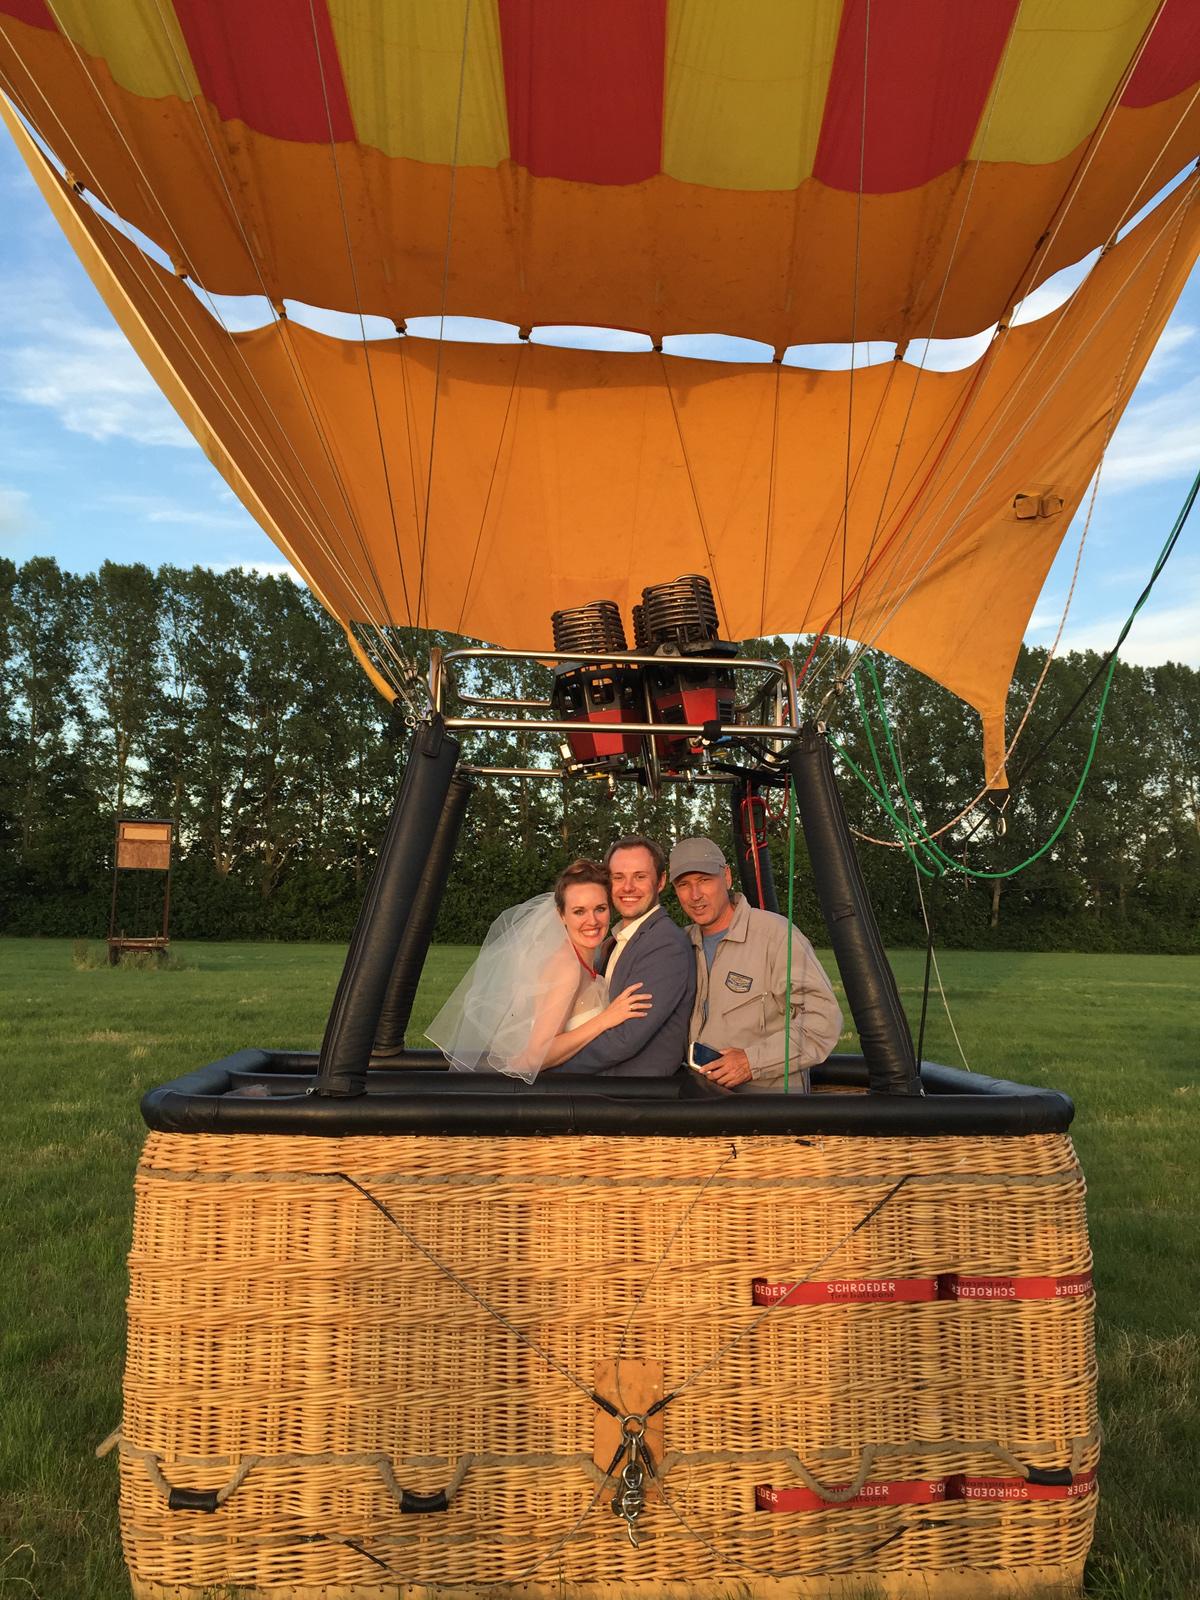 hochzeitsfotos-auf-einer-ballonfahrt